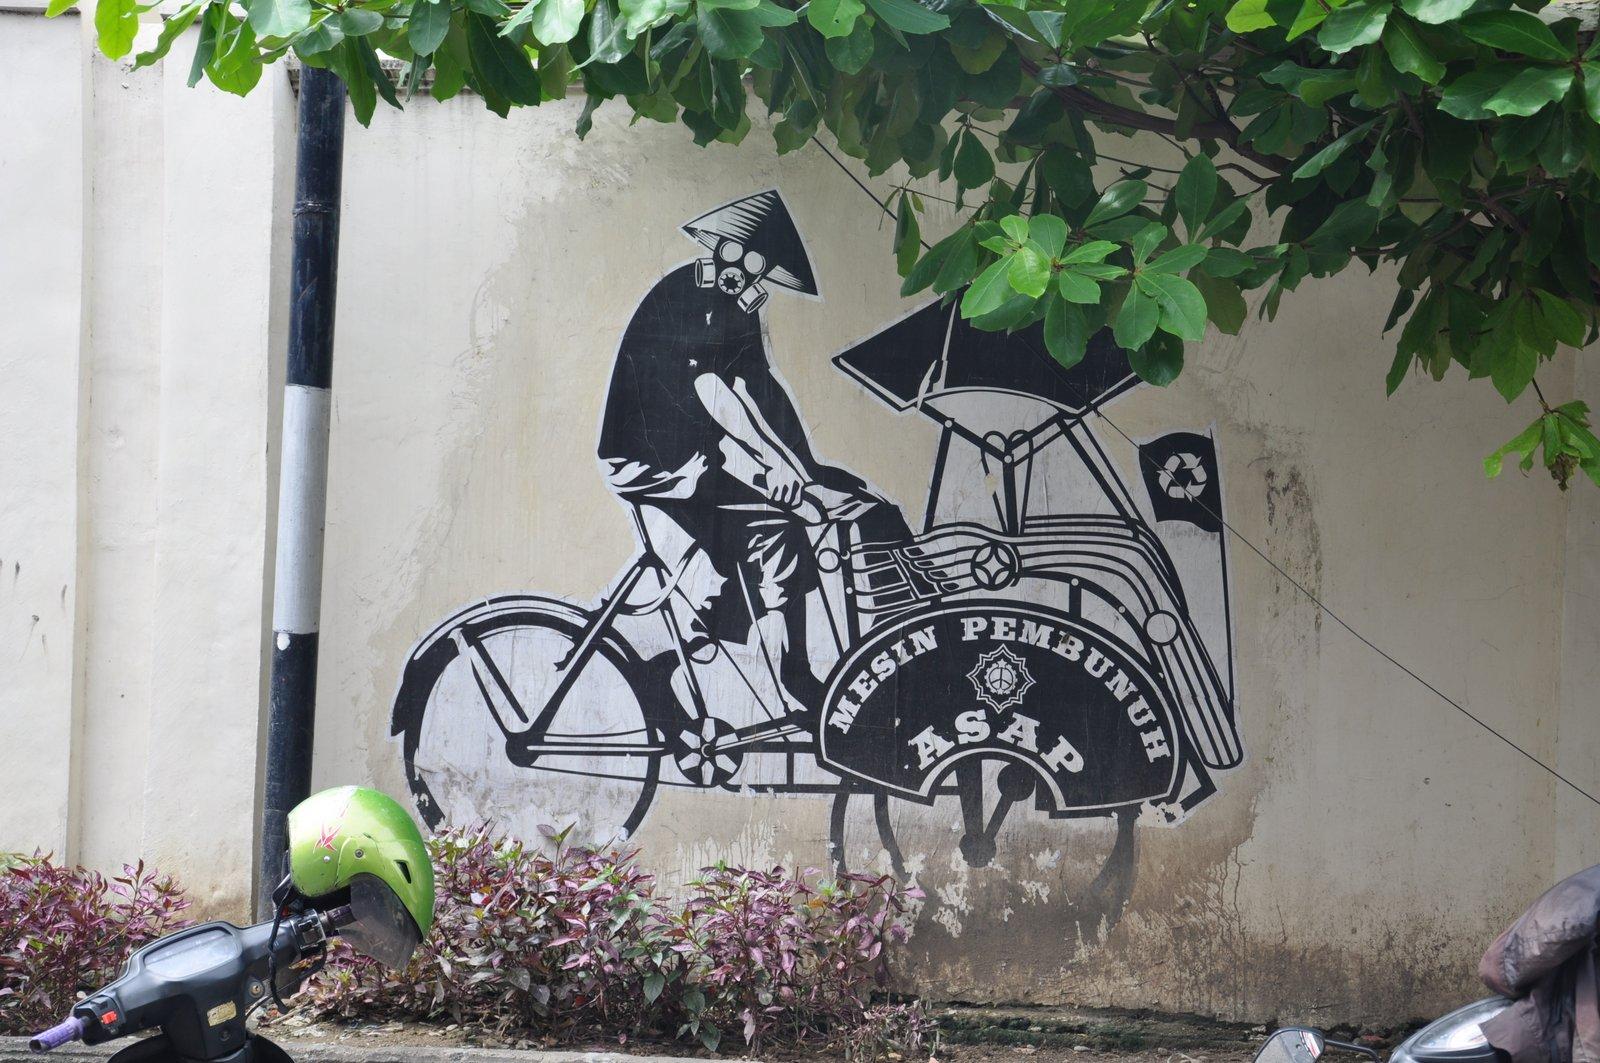 Une fresque de street-art qui dénonce les dangers de la pollution et défend l'usage des becaks écolos